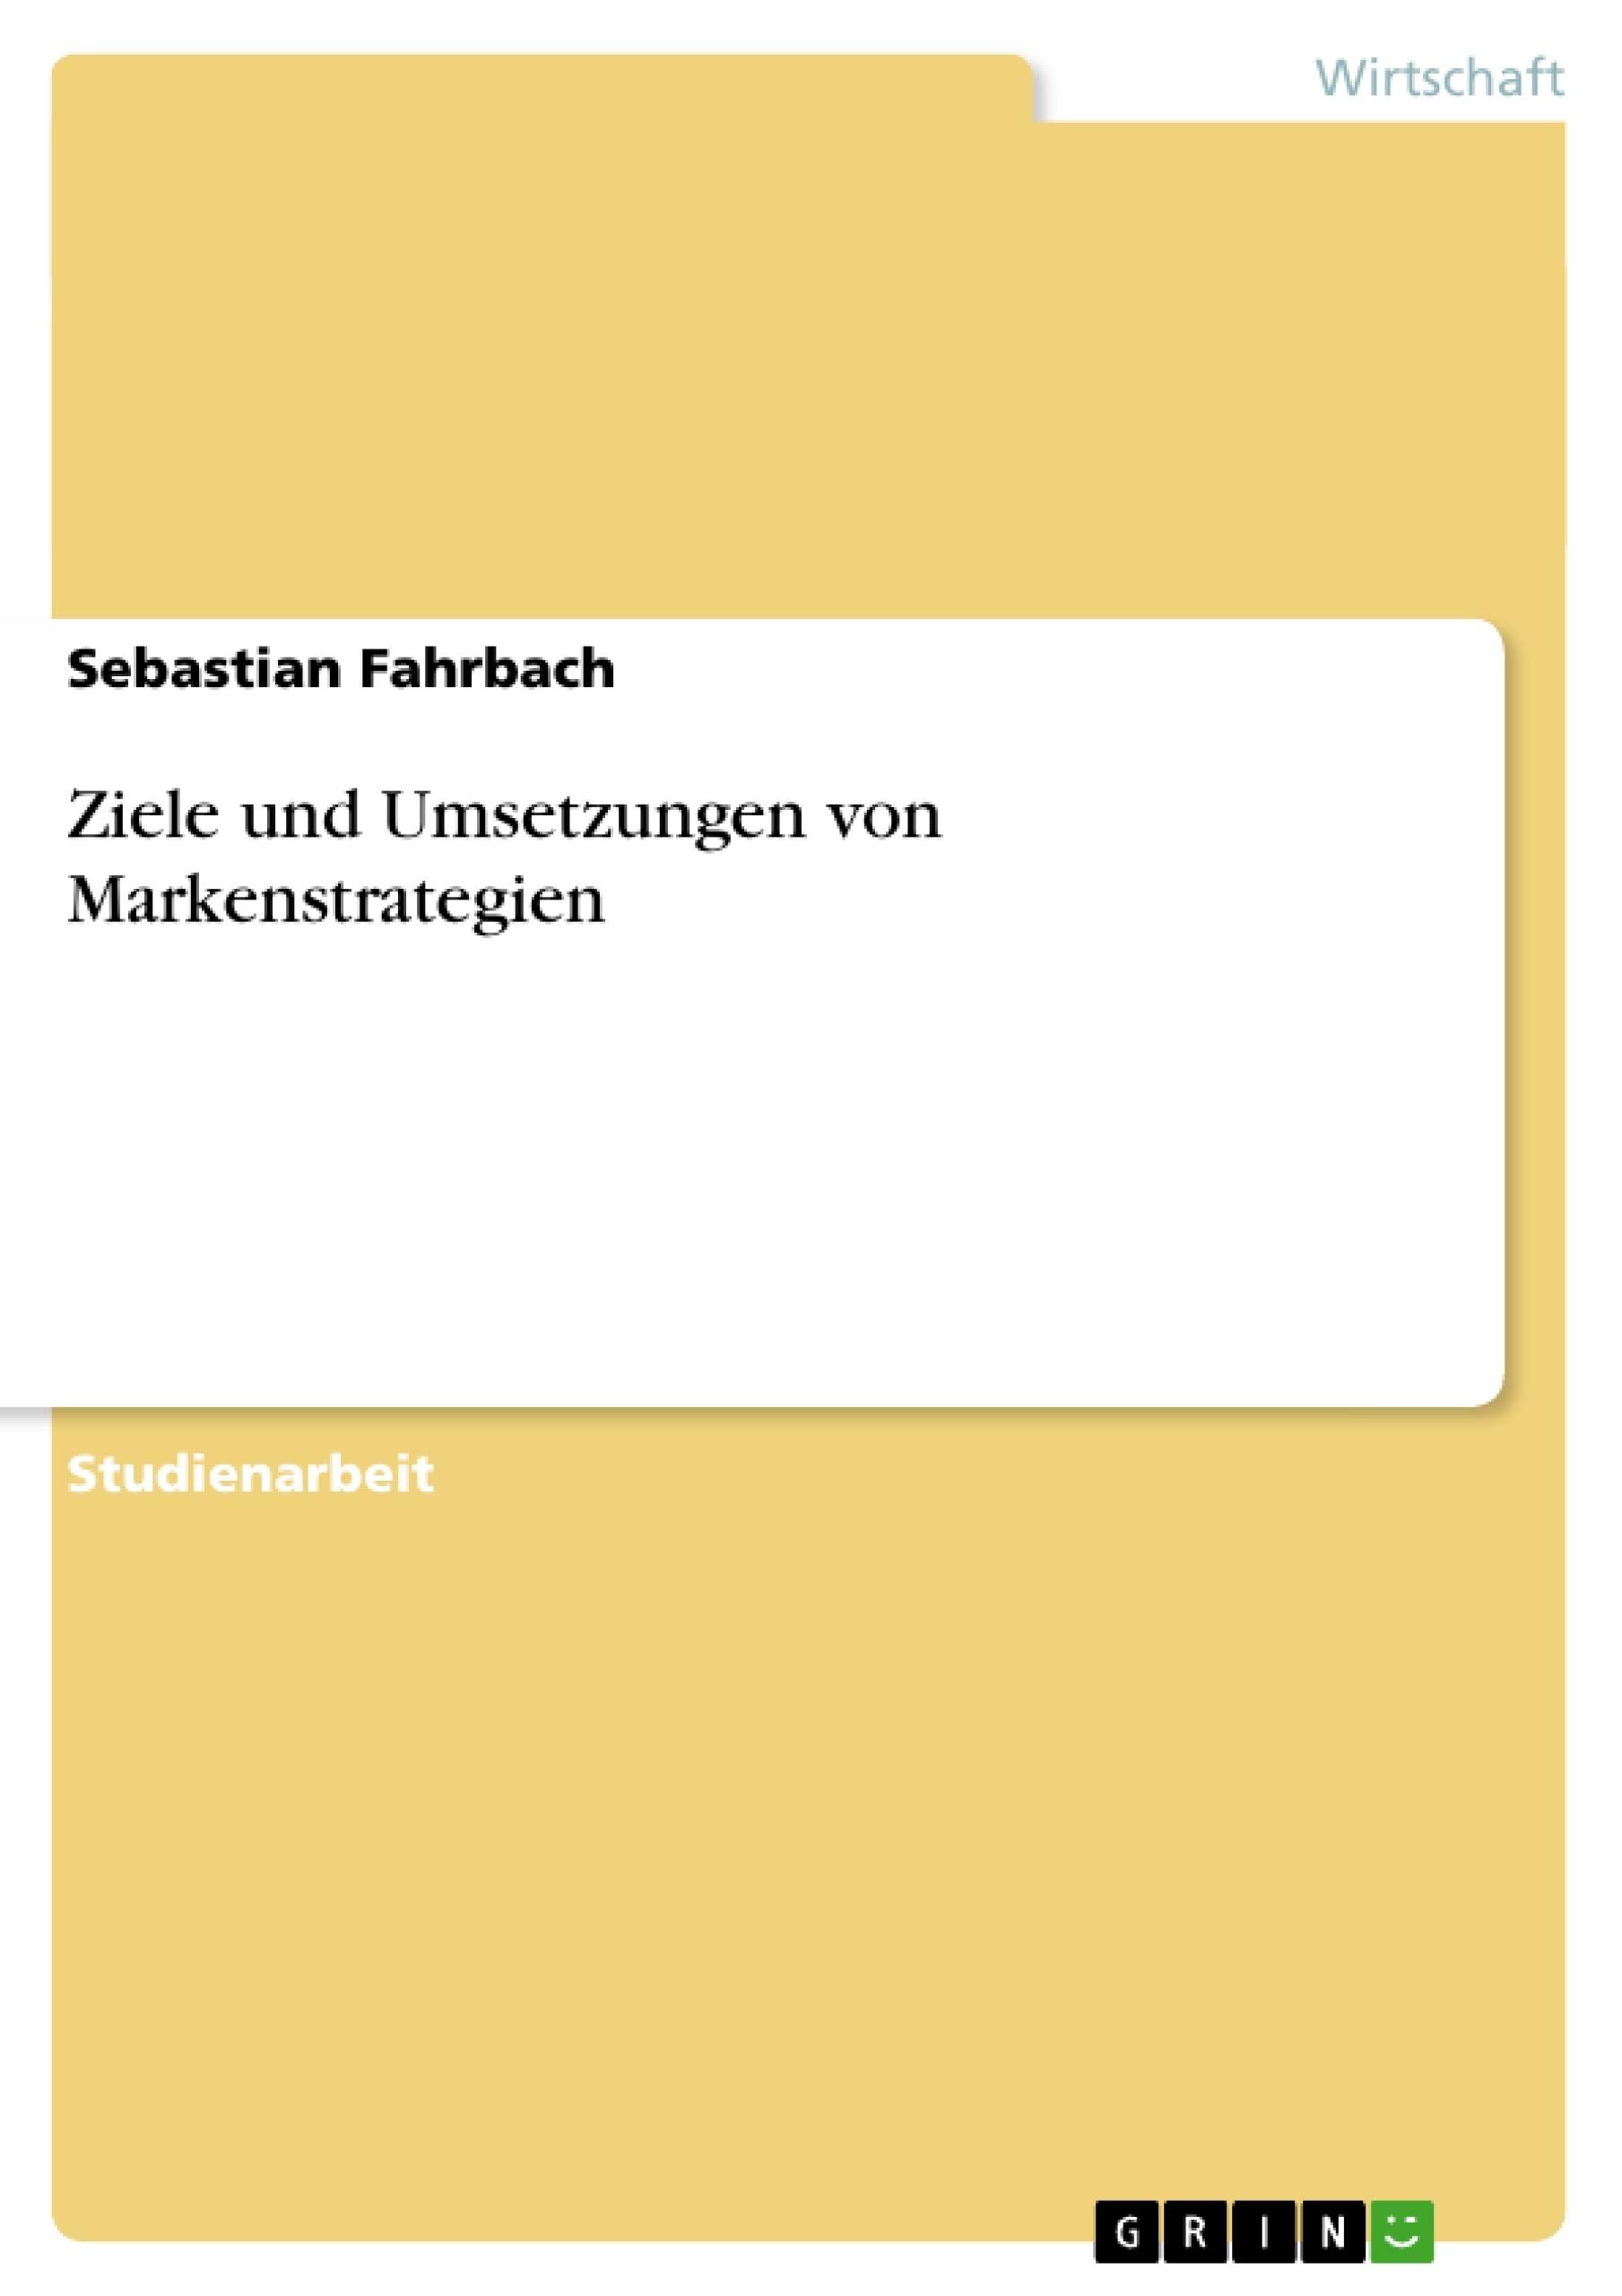 Titel: Ziele und Umsetzungen von Markenstrategien